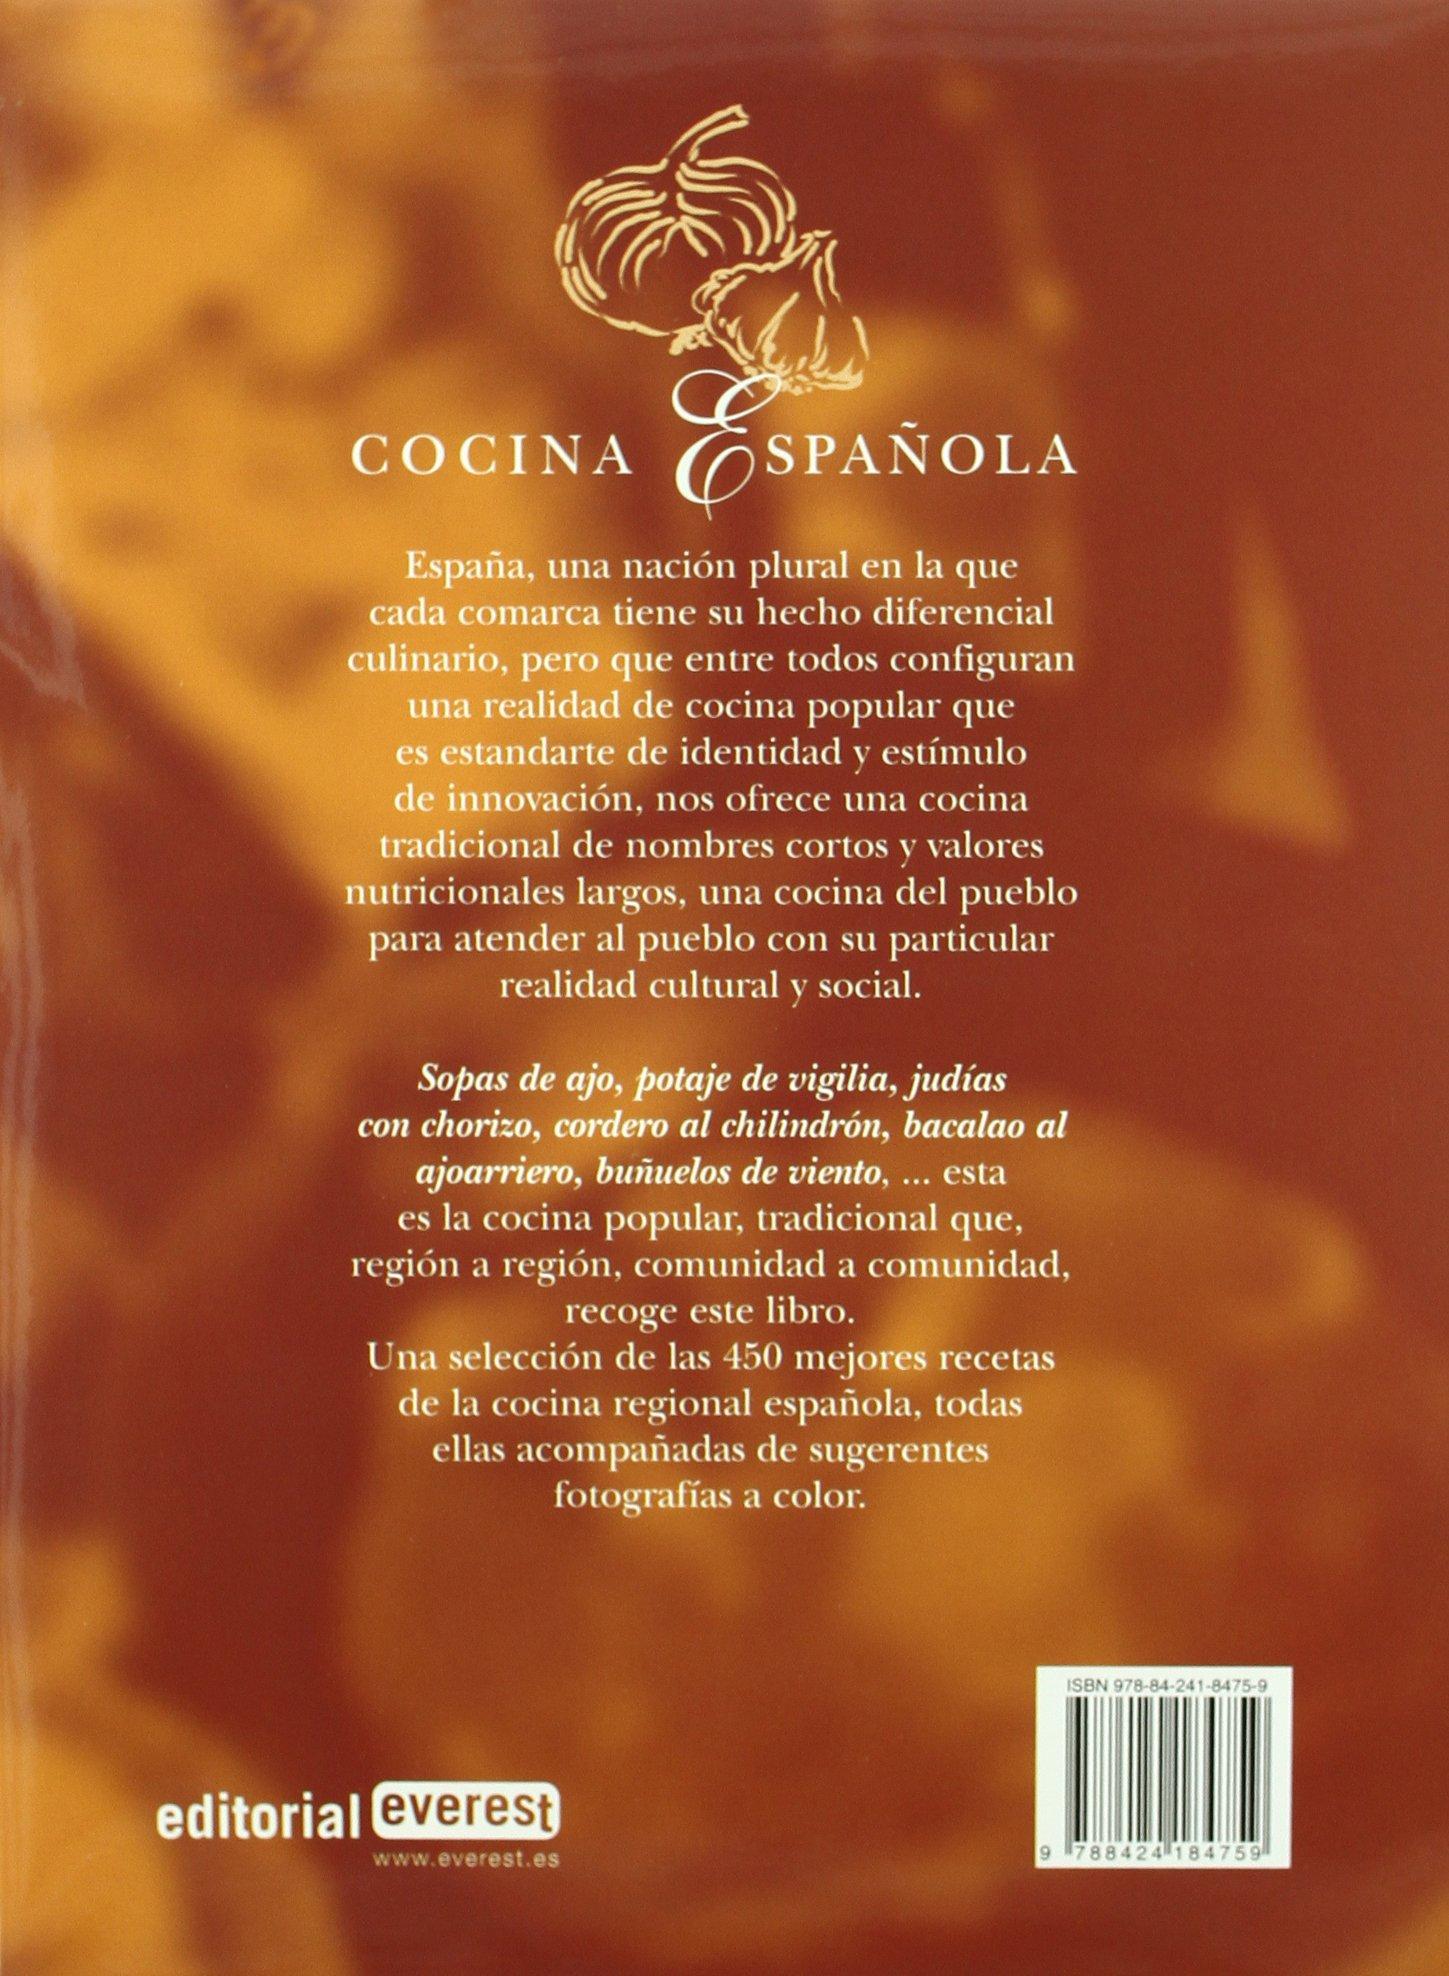 El Gran Libro de la Cocina Española. Las 450 mejores recetas Lo mejor de la cocina regional: Amazon.es: Fidalgo Sanchez, Jose Antonio: Libros